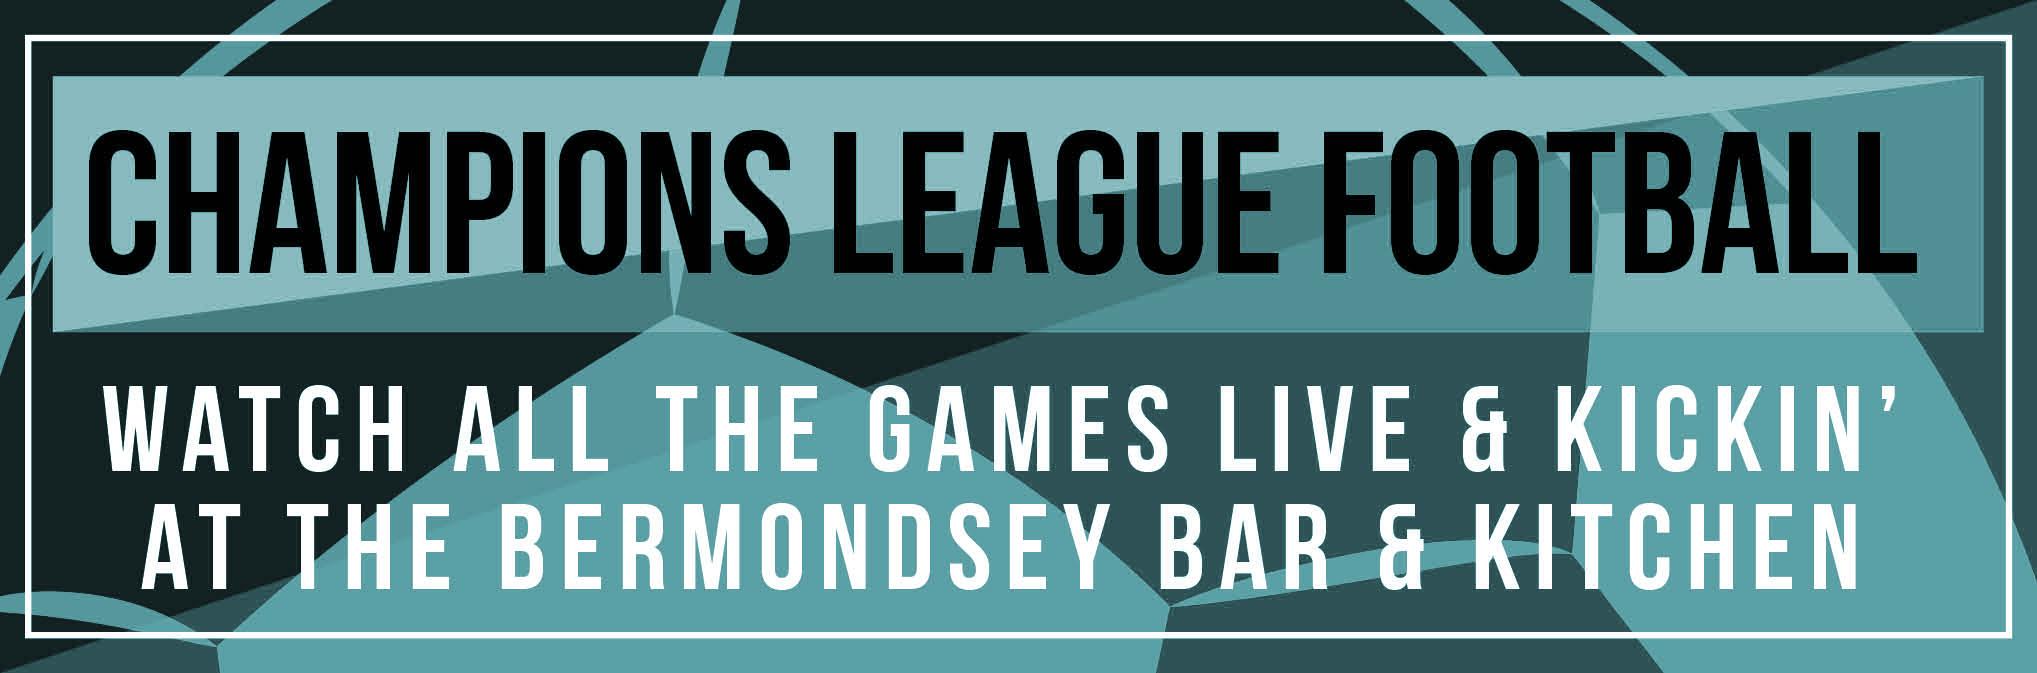 Champs League Website Promo.jpg